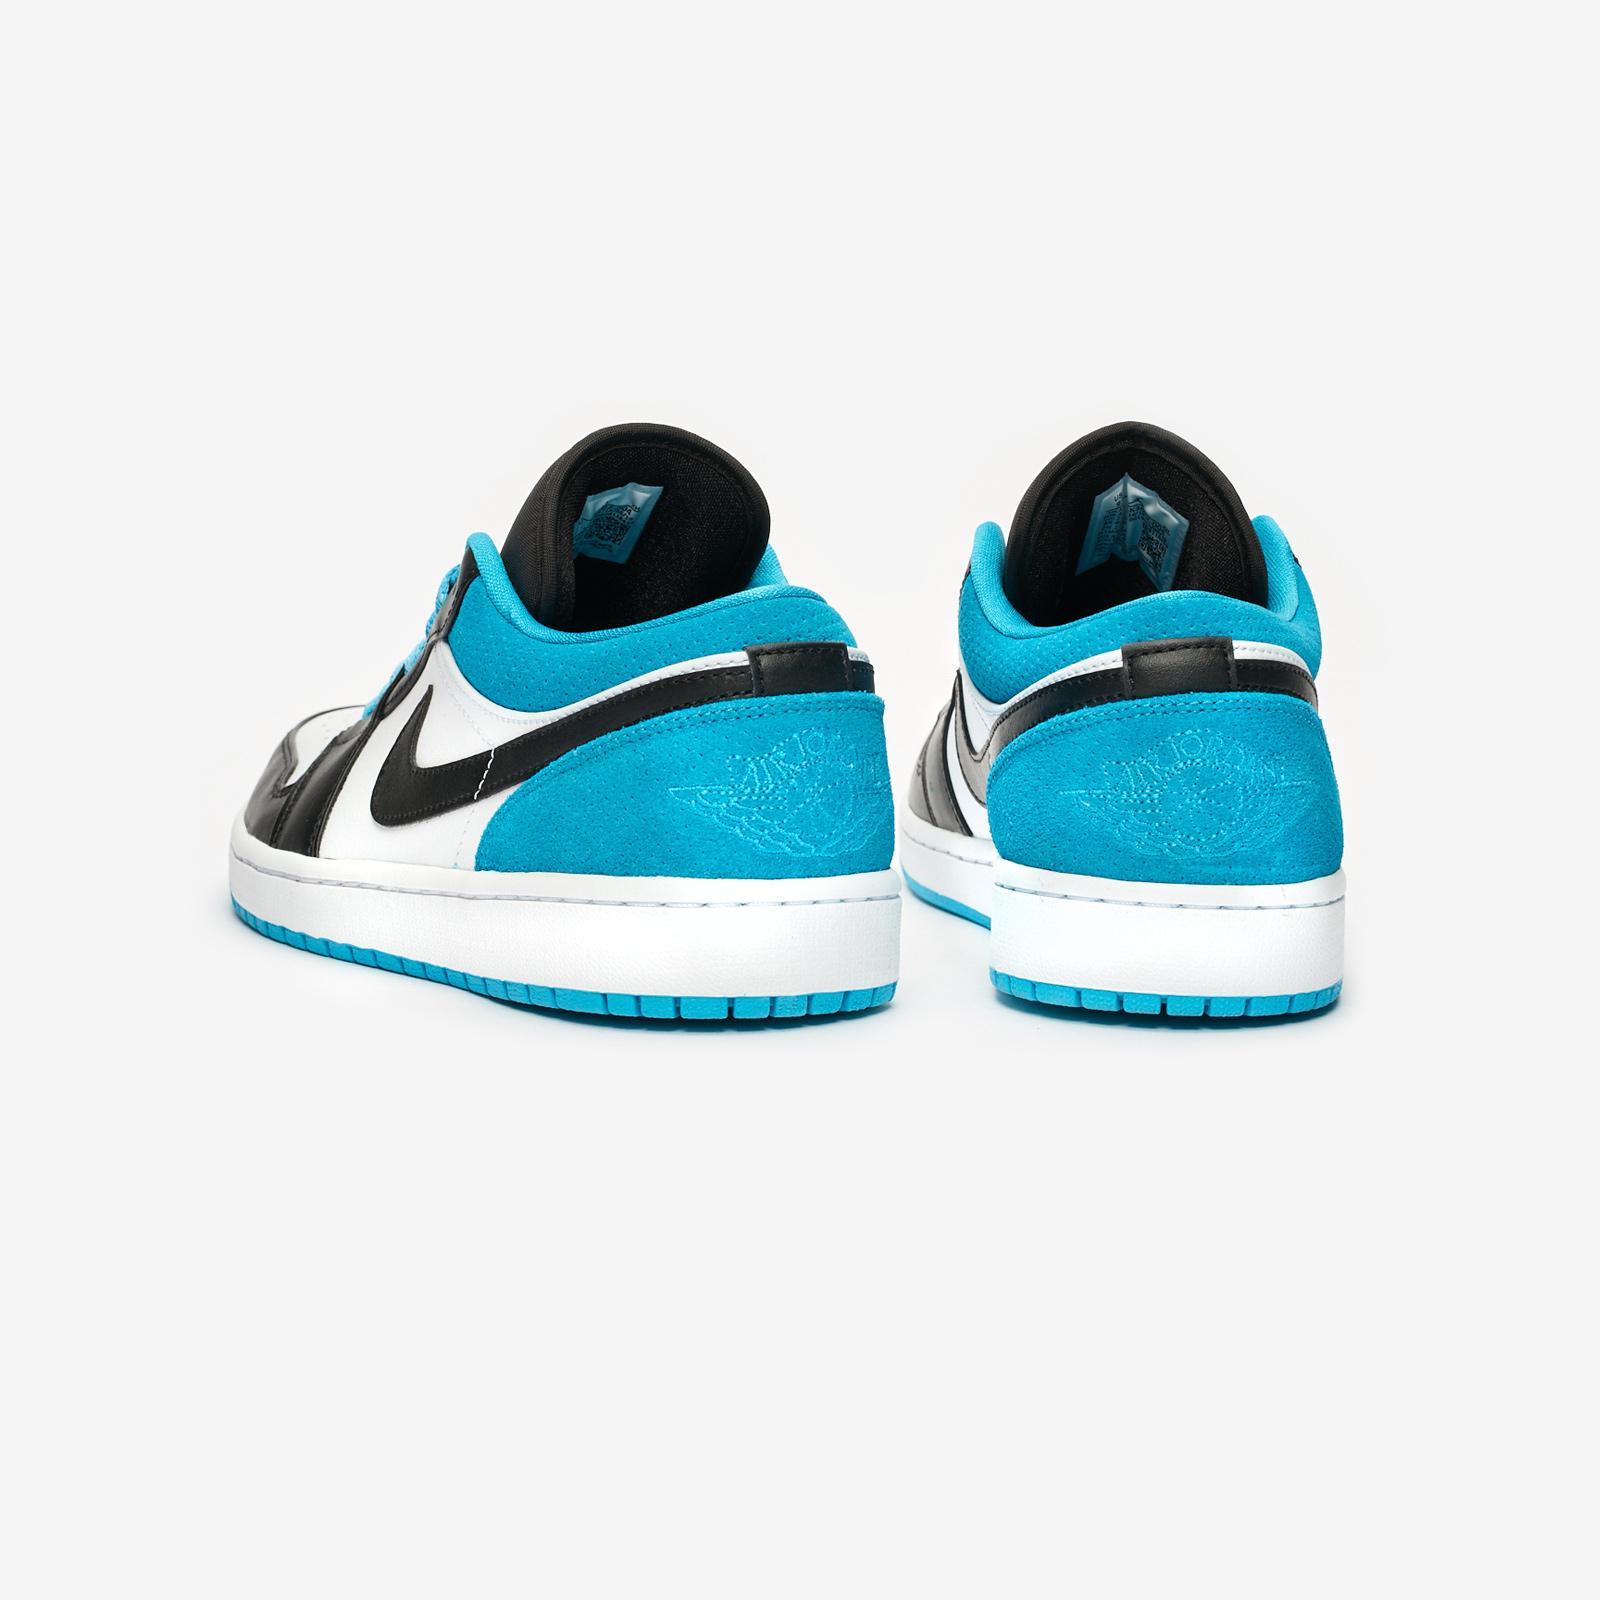 Jordan Brand Air Jordan 1 Low Se Ck3022 004 Sneakersnstuff